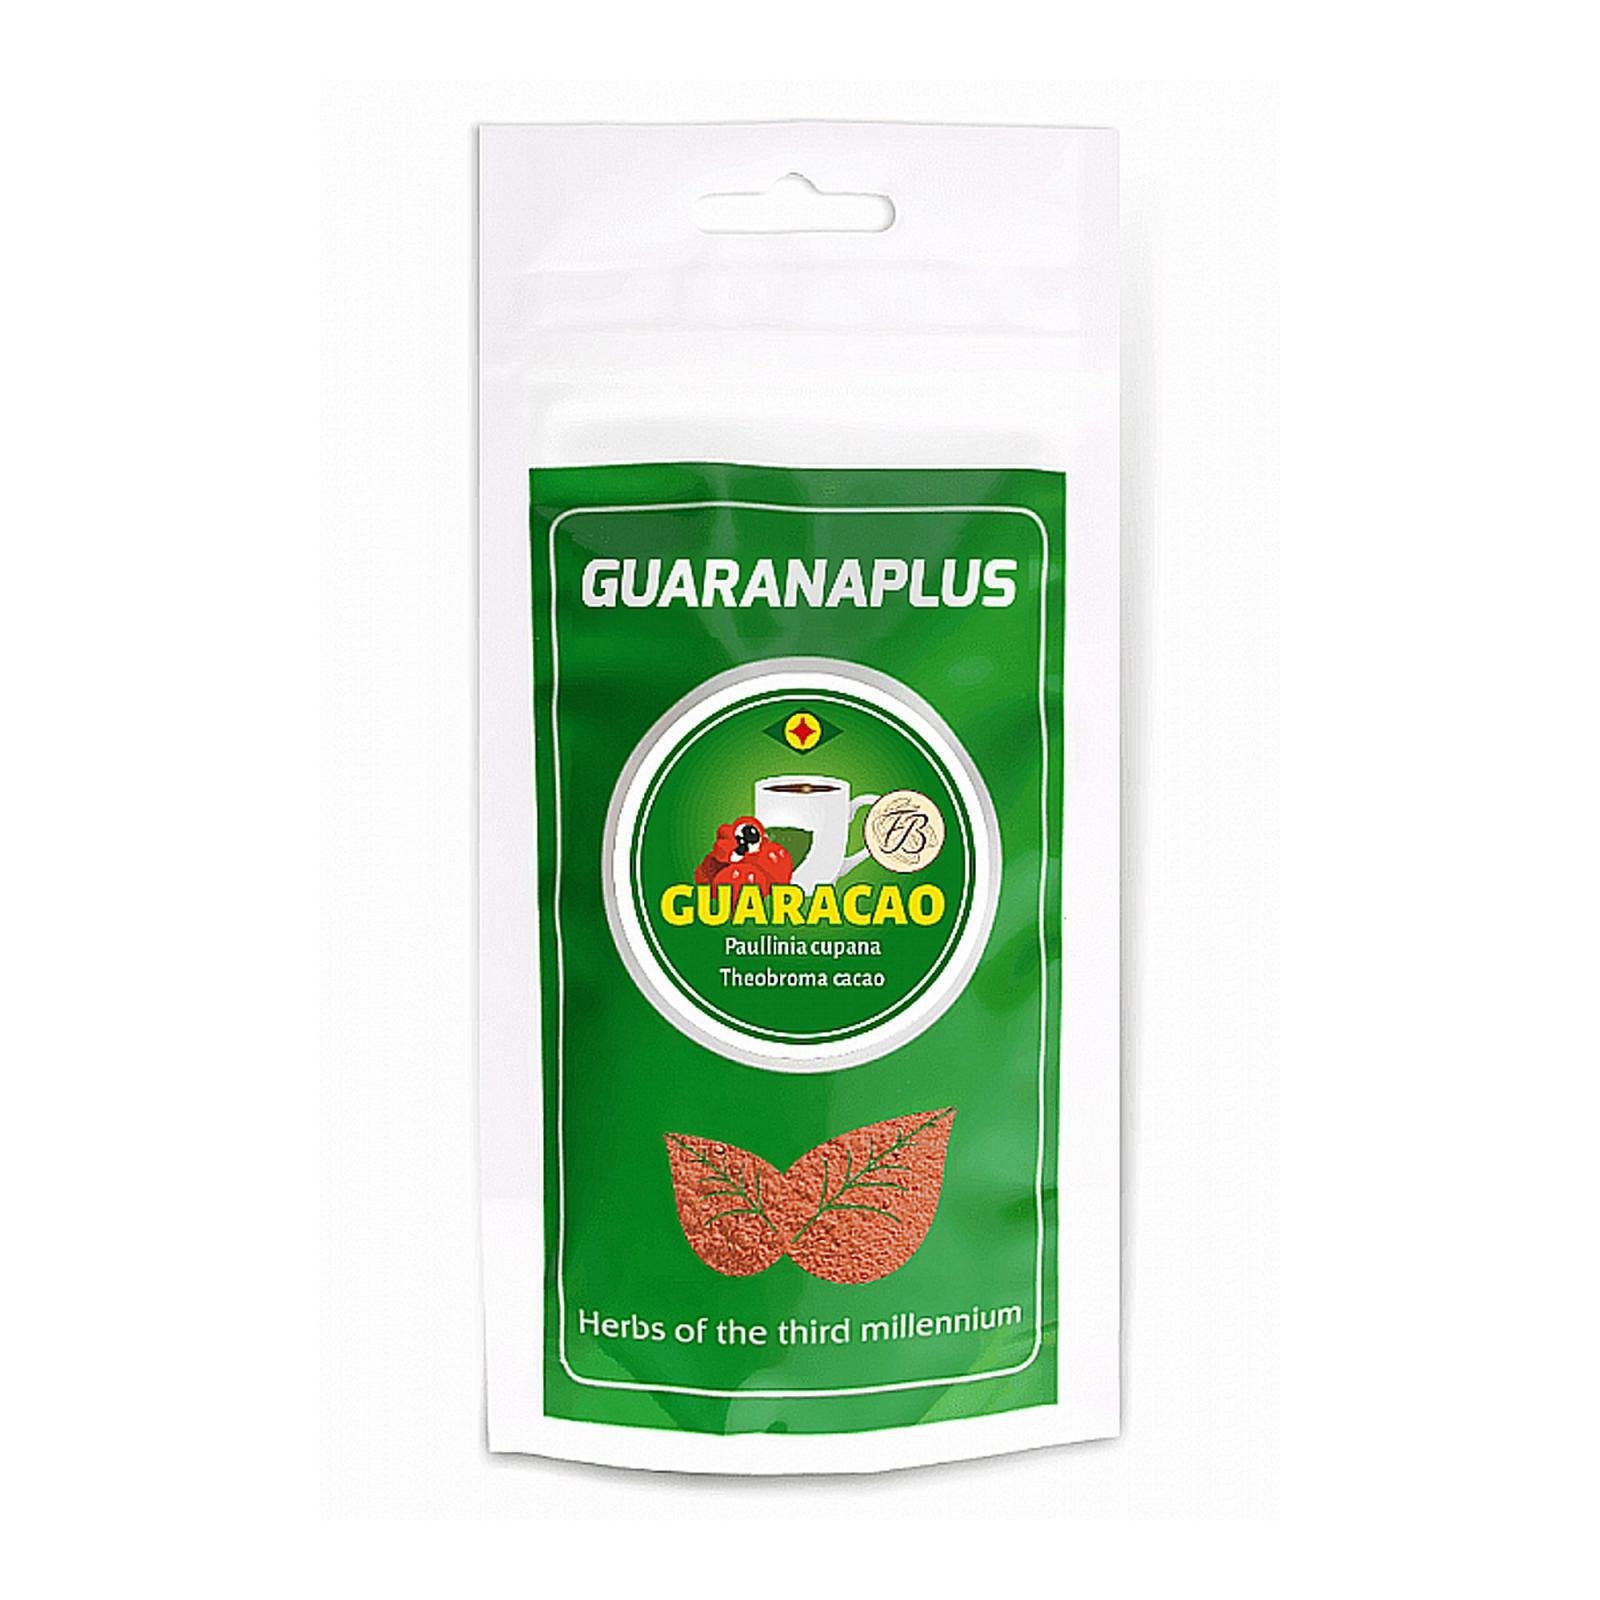 Guaranaplus Guaracao, kakaový nápoj s Guaranou 100 g